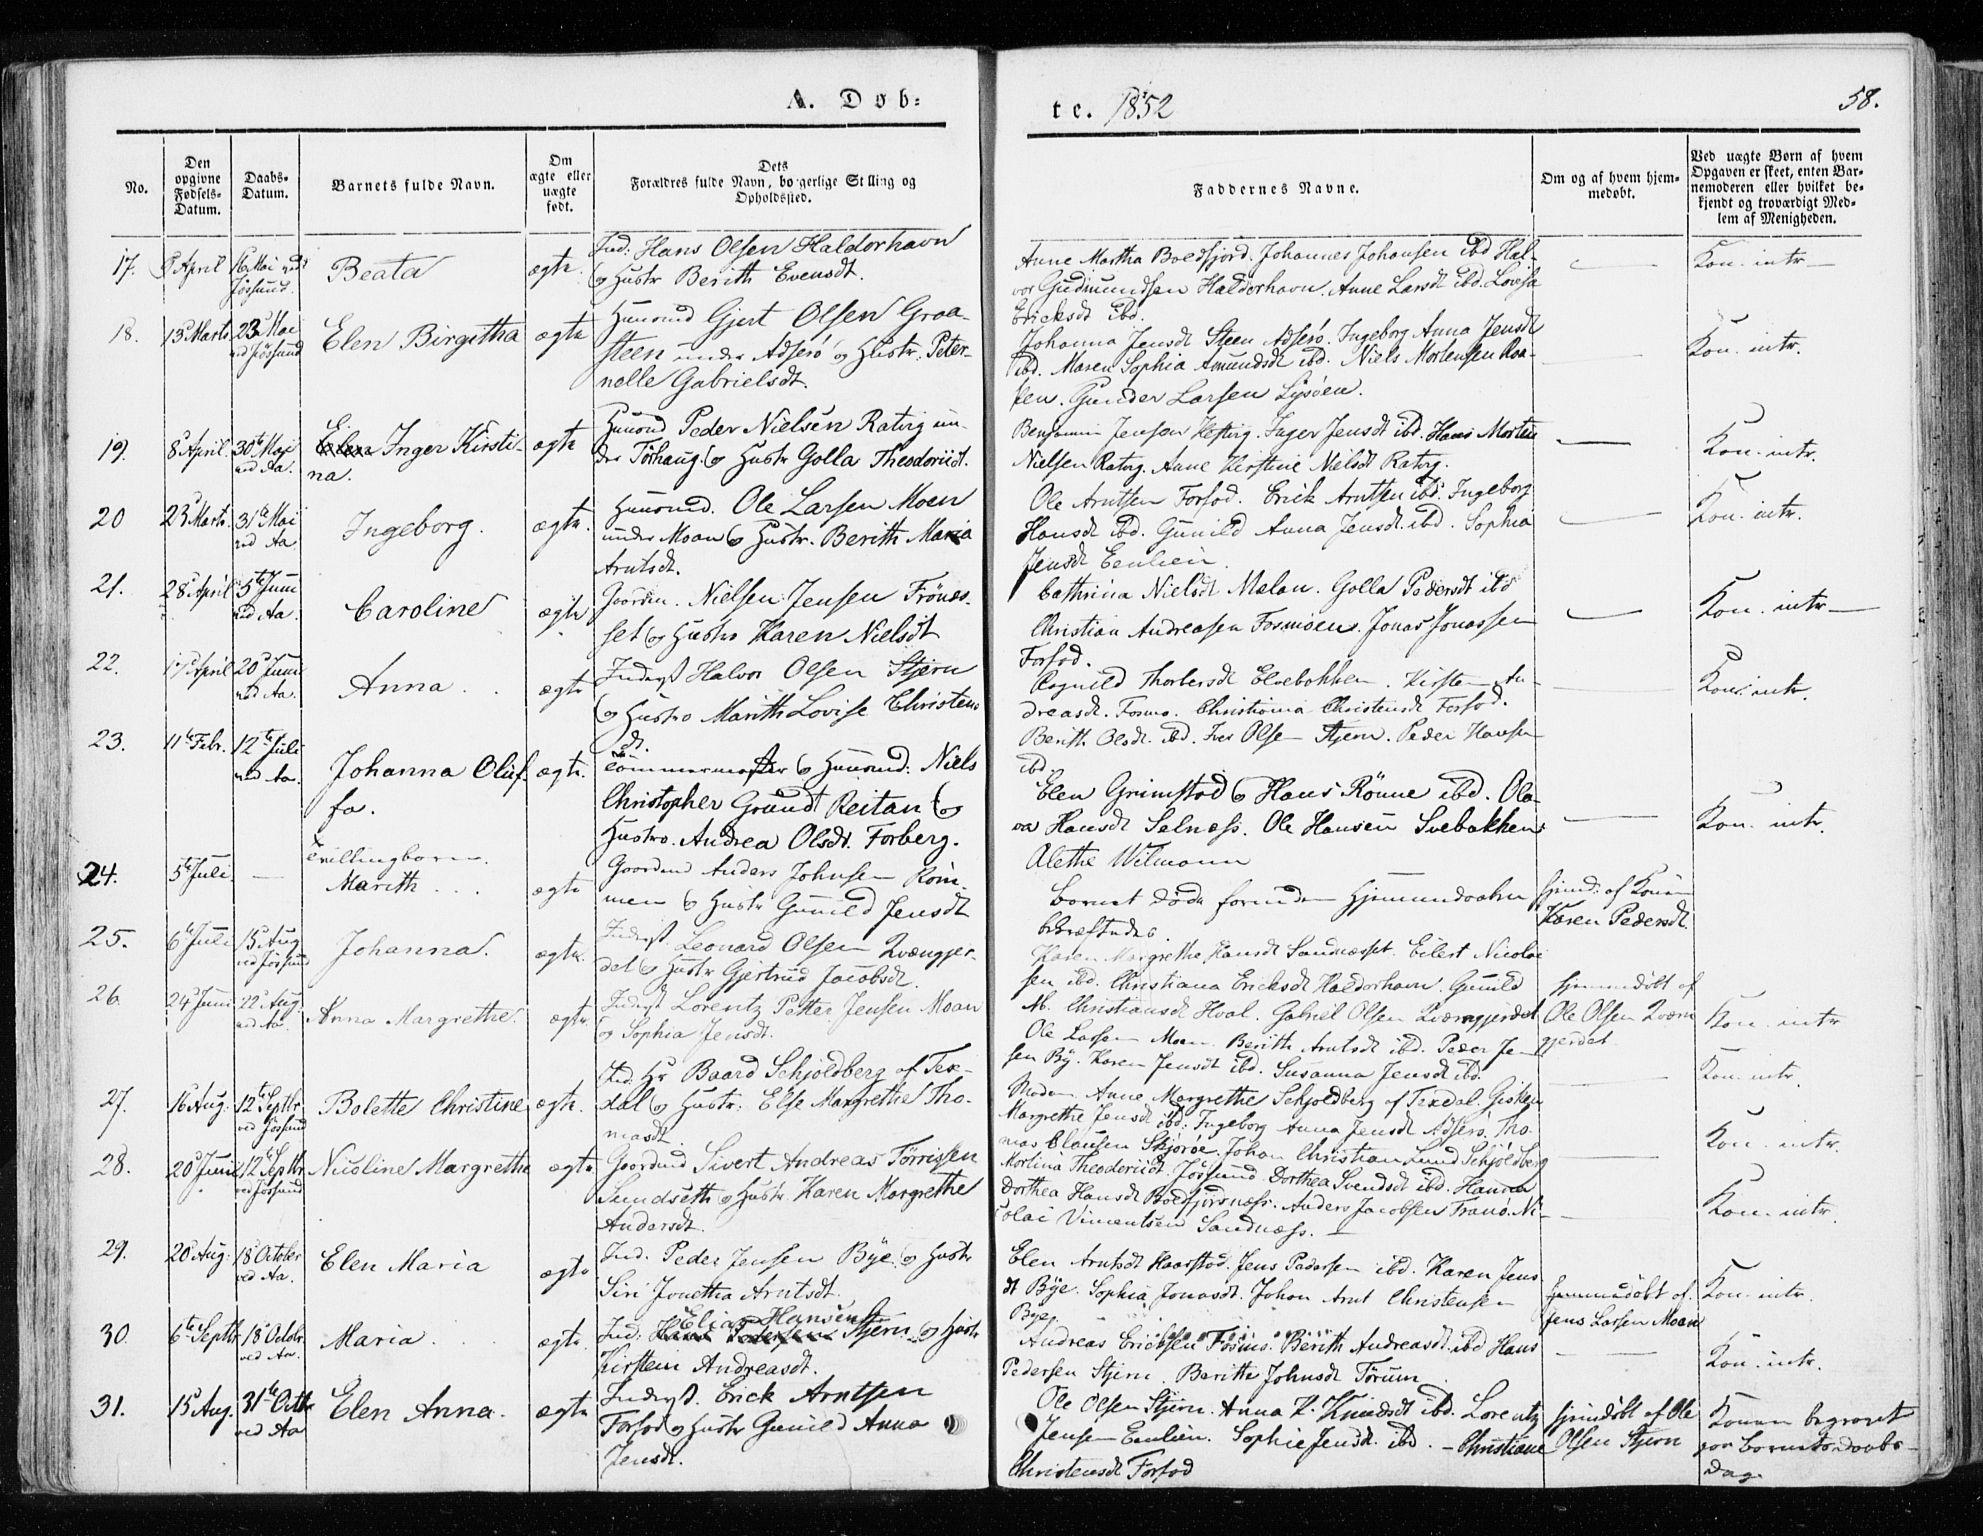 SAT, Ministerialprotokoller, klokkerbøker og fødselsregistre - Sør-Trøndelag, 655/L0677: Ministerialbok nr. 655A06, 1847-1860, s. 58